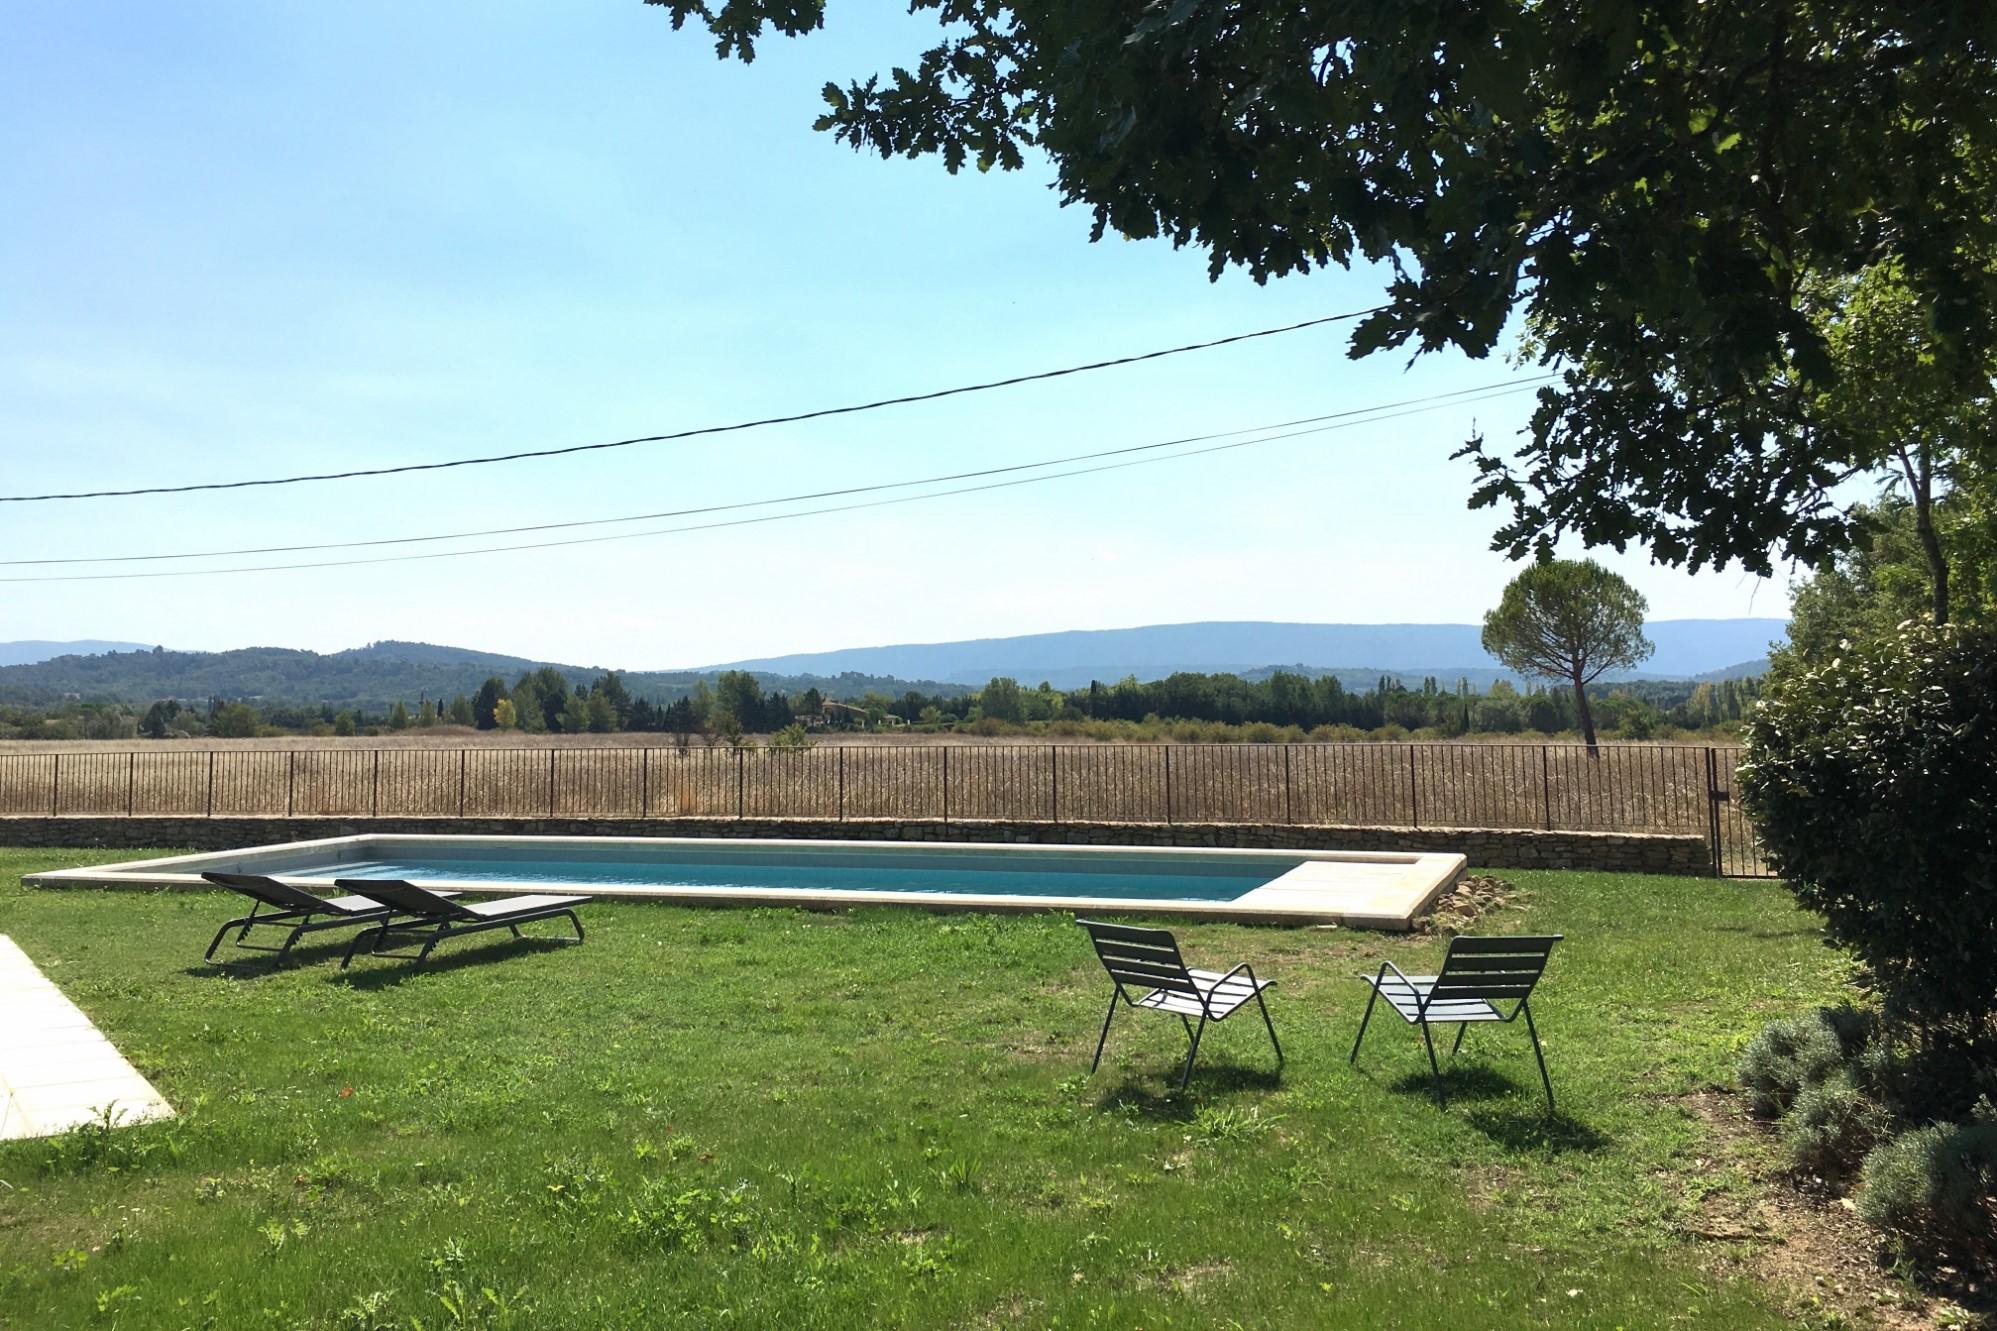 Propriété à vendre à Gordes avec 7 chambres et piscine